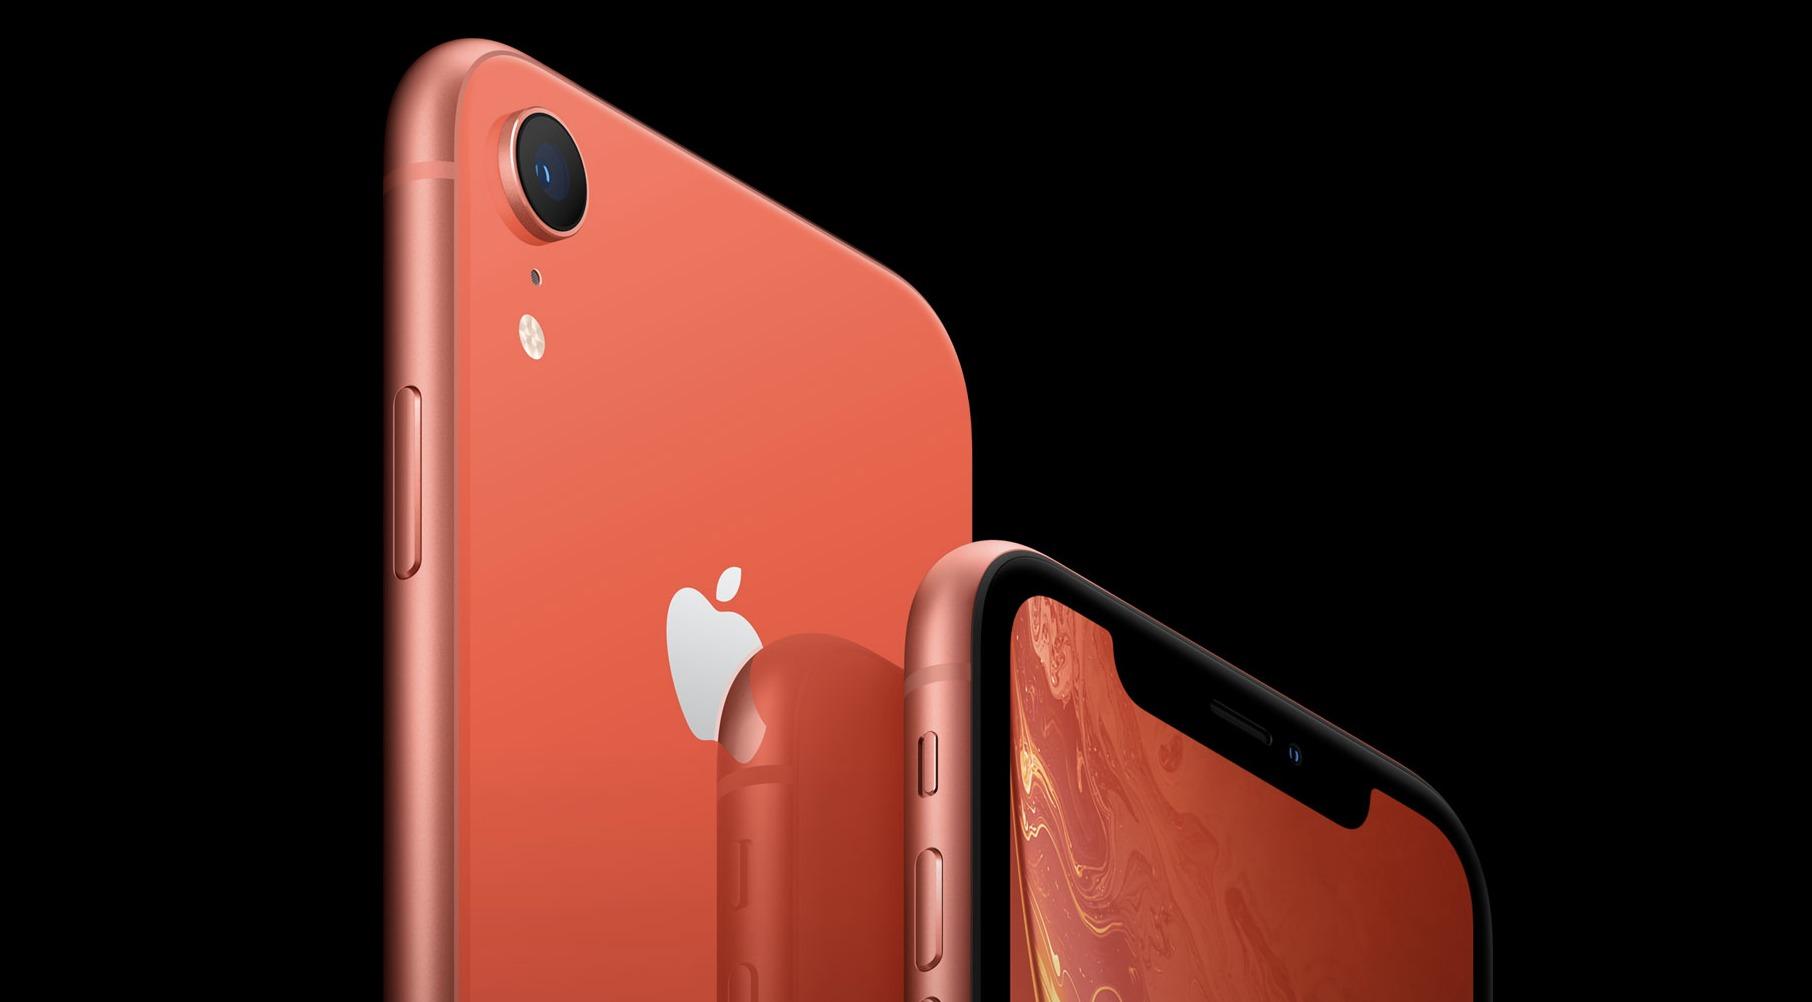 Salget av iPhone XR har gått dårligere enn forventet, noe som gjør at flere analytikere justerer sine salgsestimater for dette kvartalet.